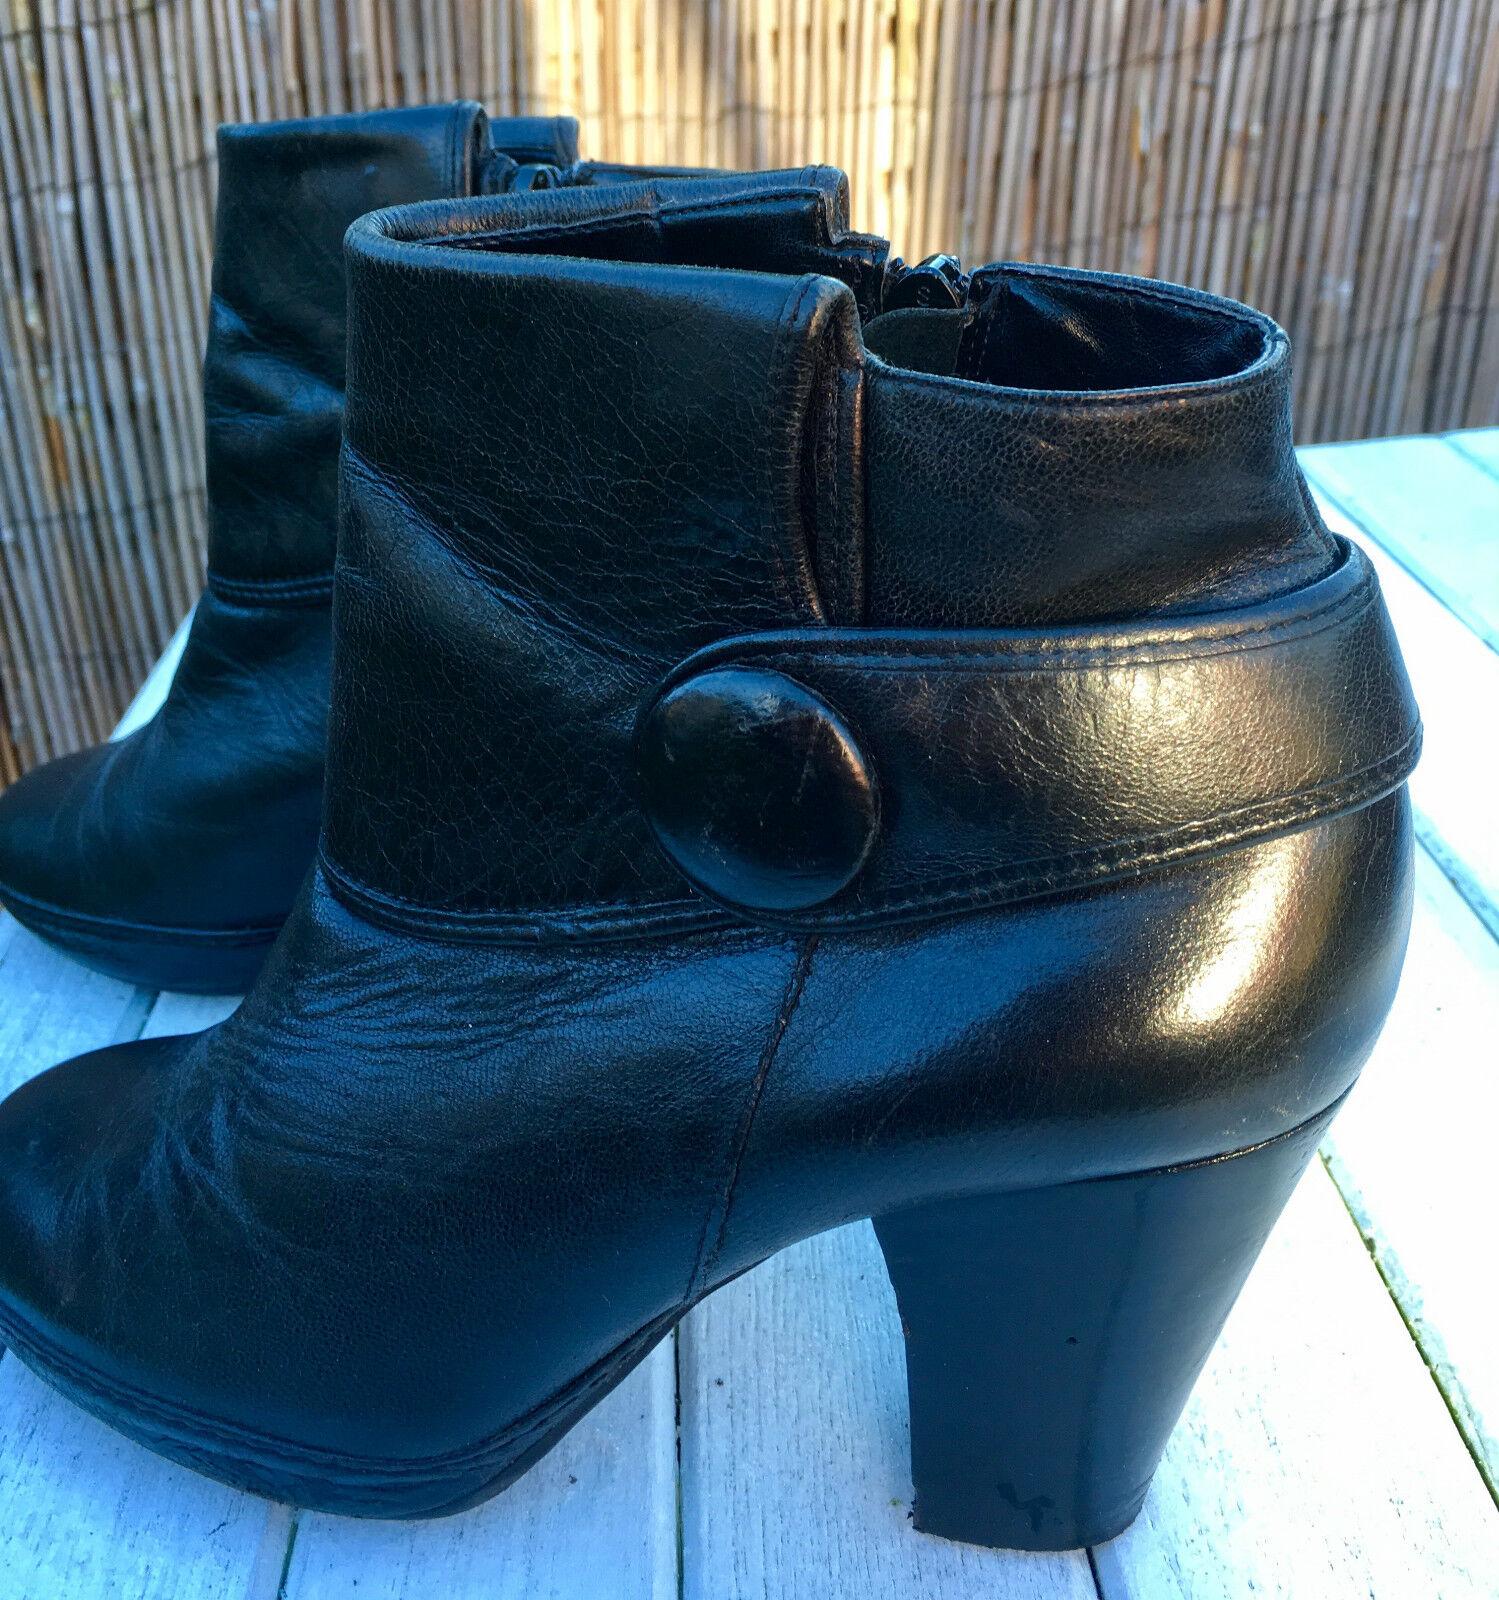 Schwarze Leder-Stiefele<wbr/>tte / Pumps von CLARKS in Größe 5,5 (38,5) Plateau